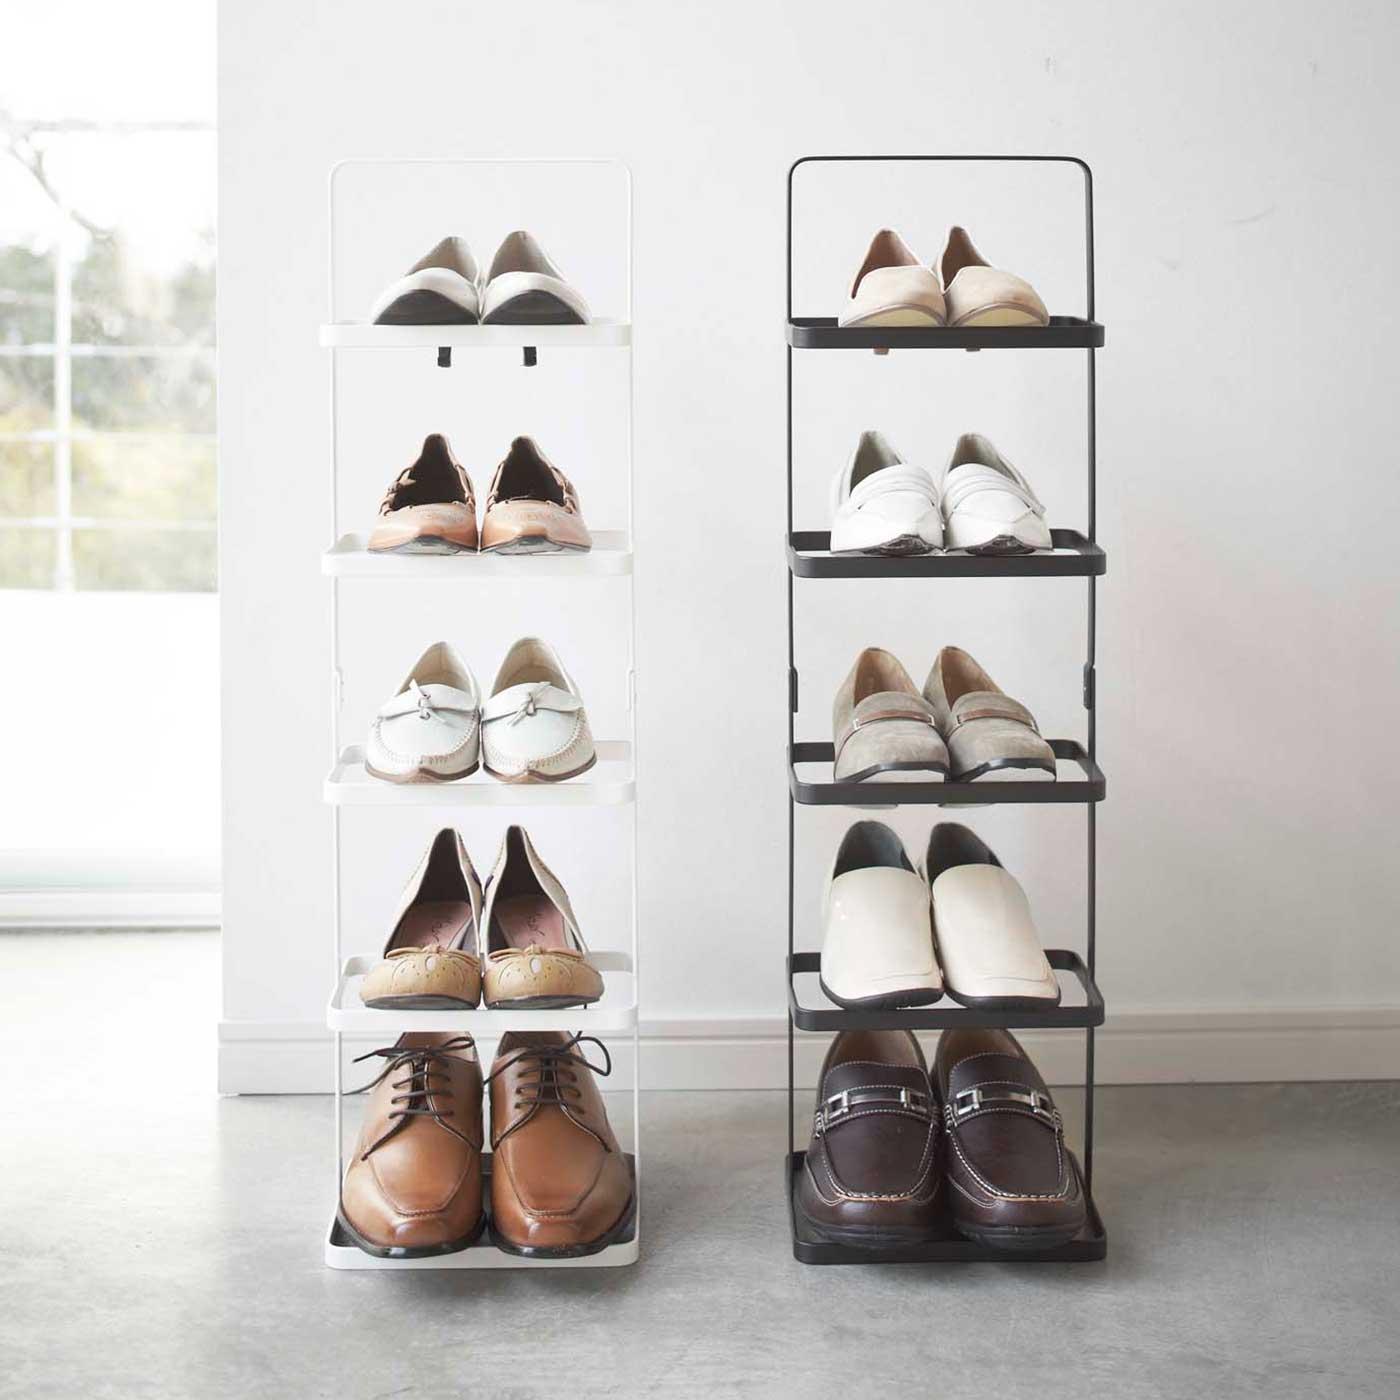 男性用と女性用の靴どちらも綺麗に収まるサイズ。